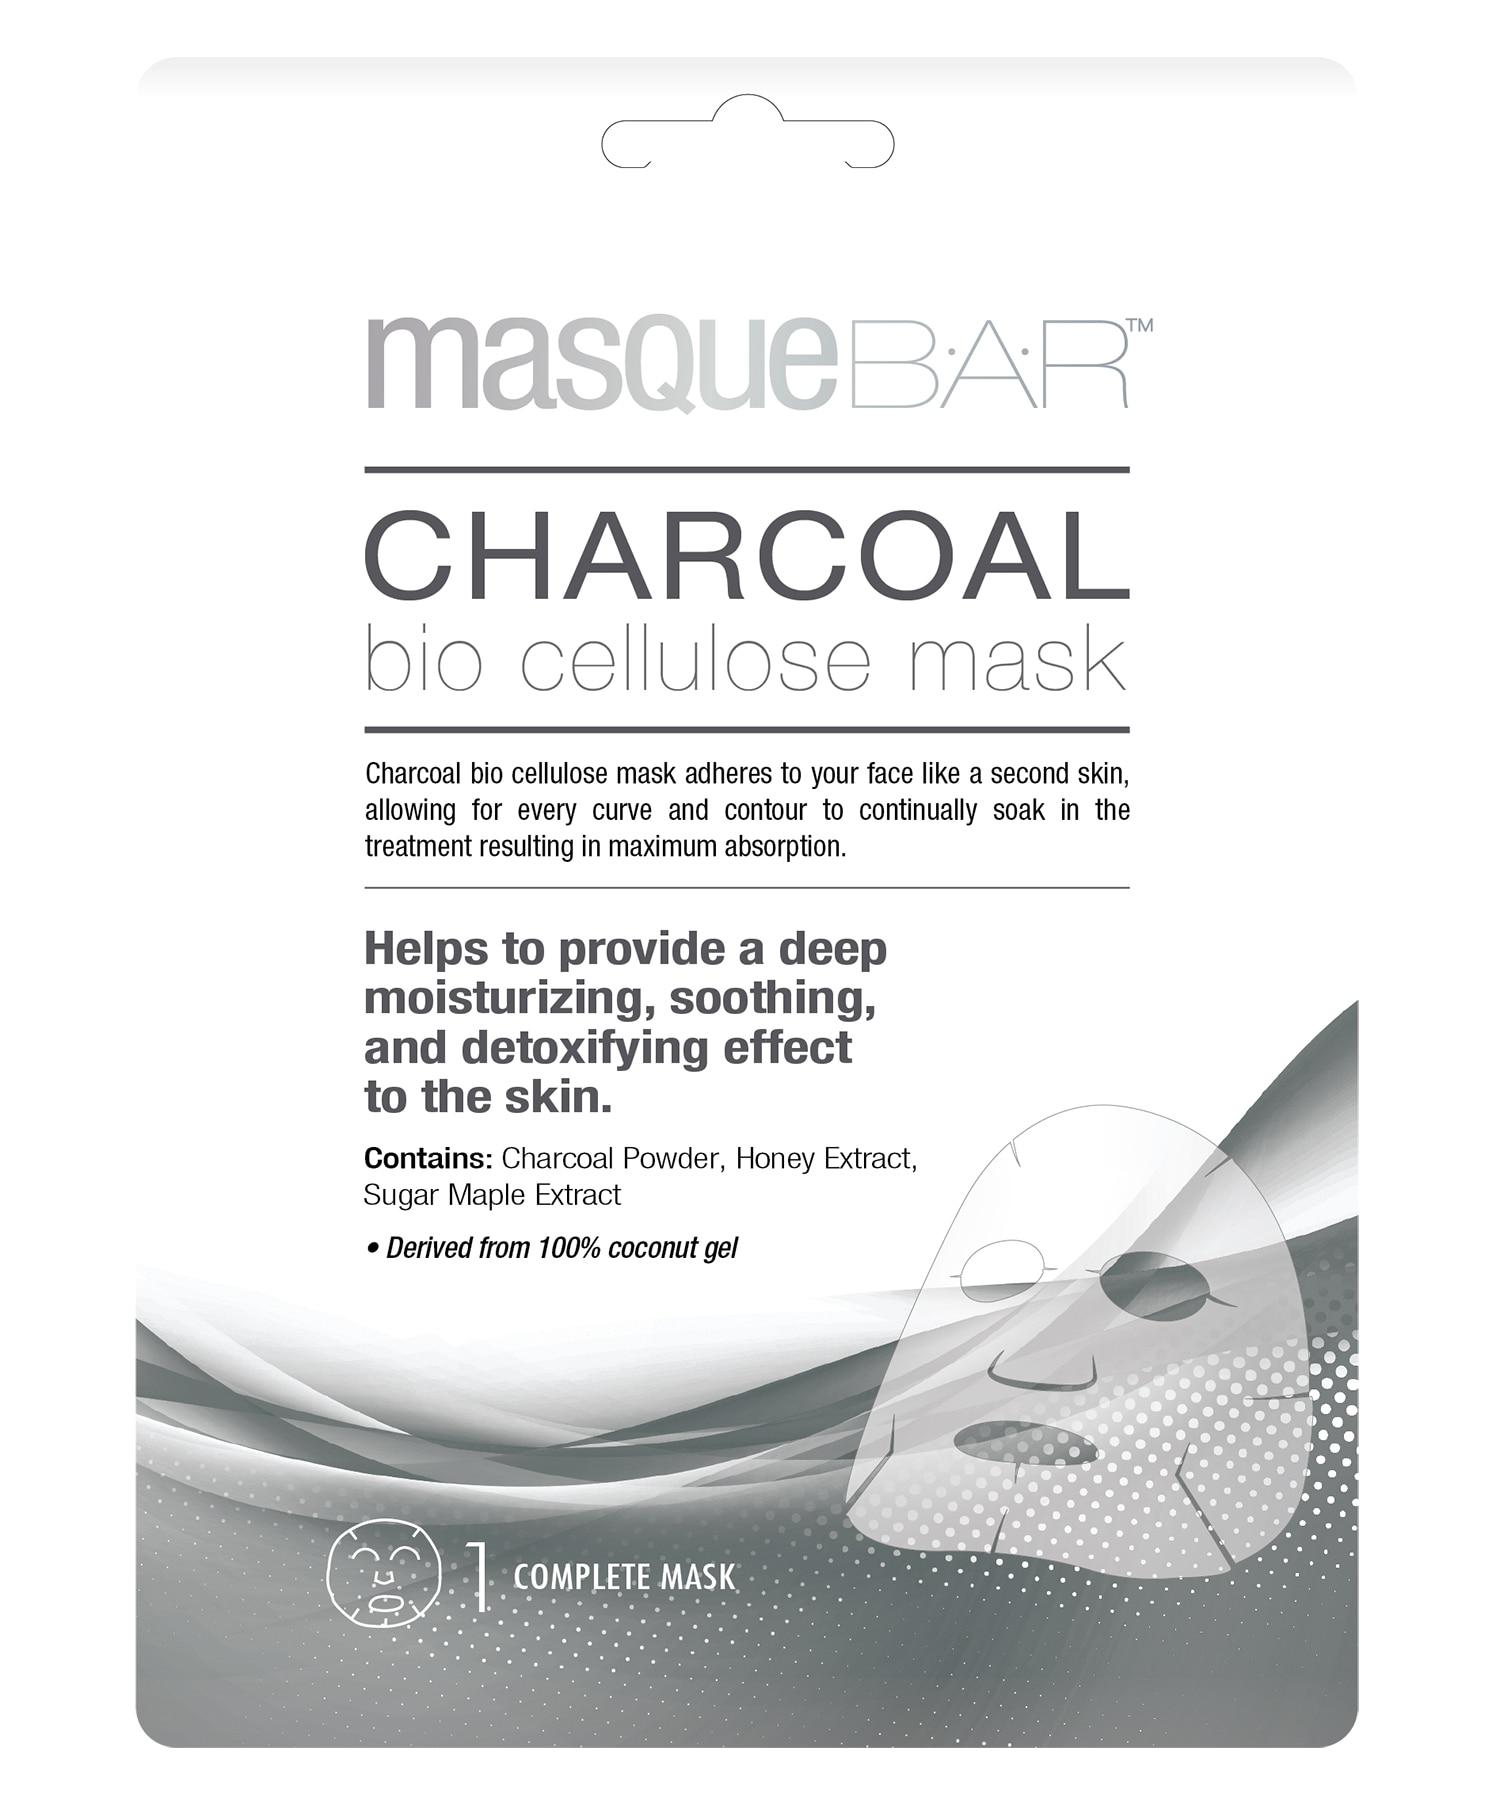 MasqueBar Bio Cellullose